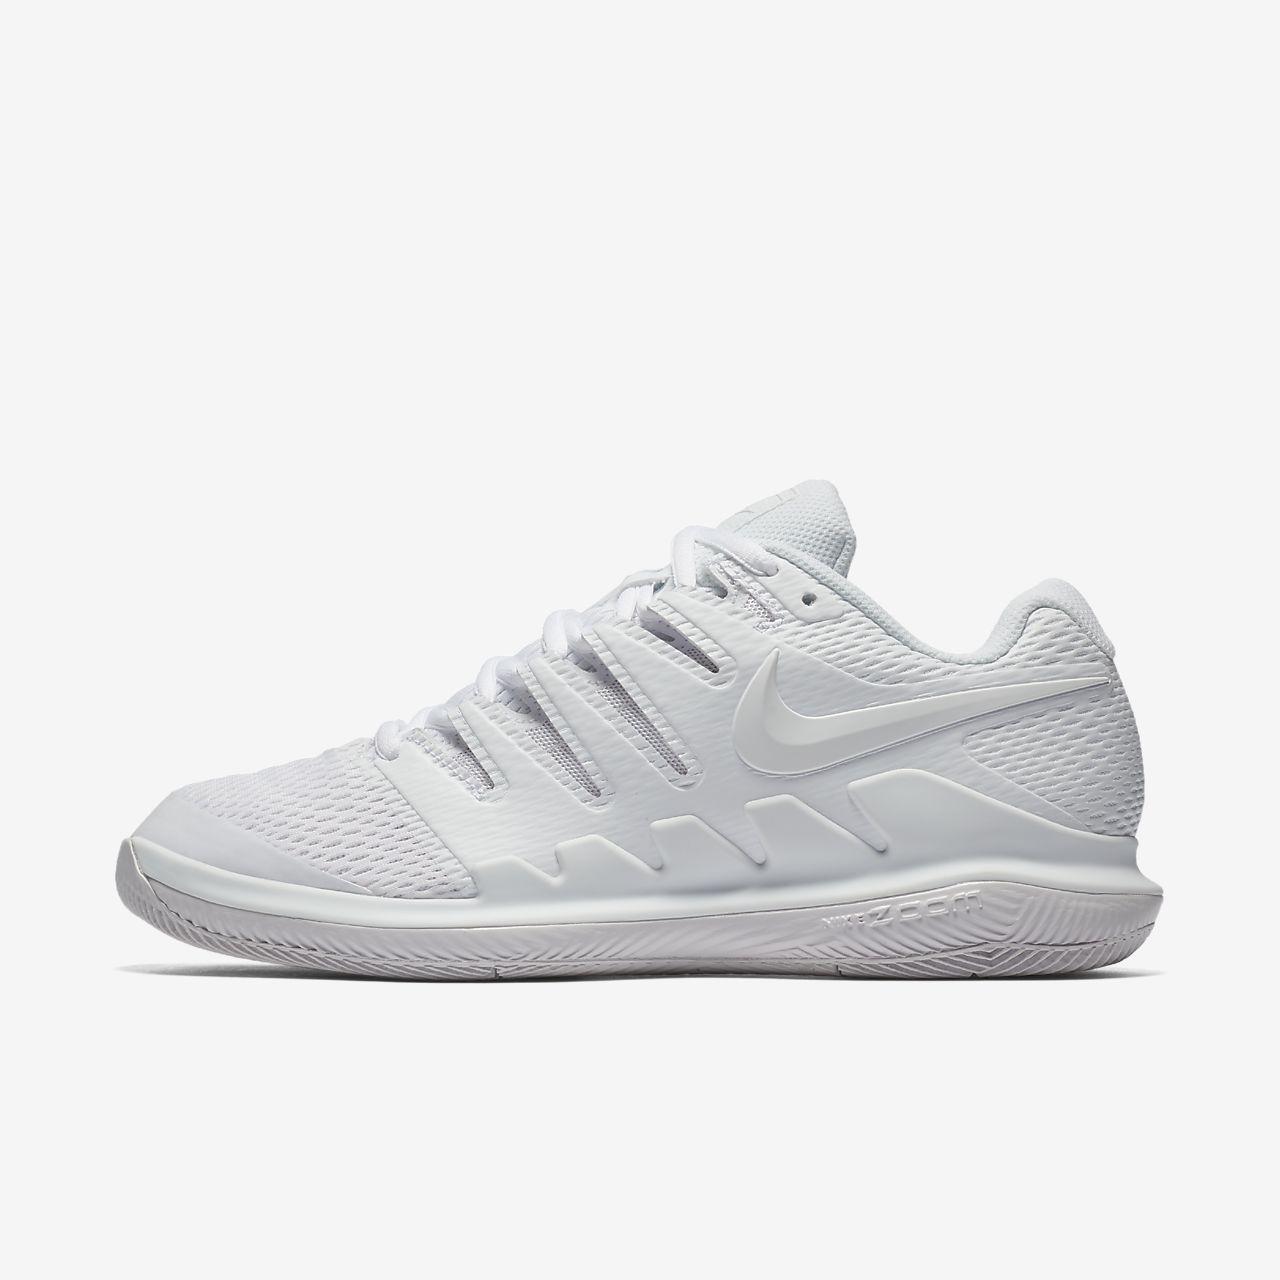 e298f389c877 NikeCourt Air Zoom Vapor X HC Womens Tennis Shoe ... Nike Court ...